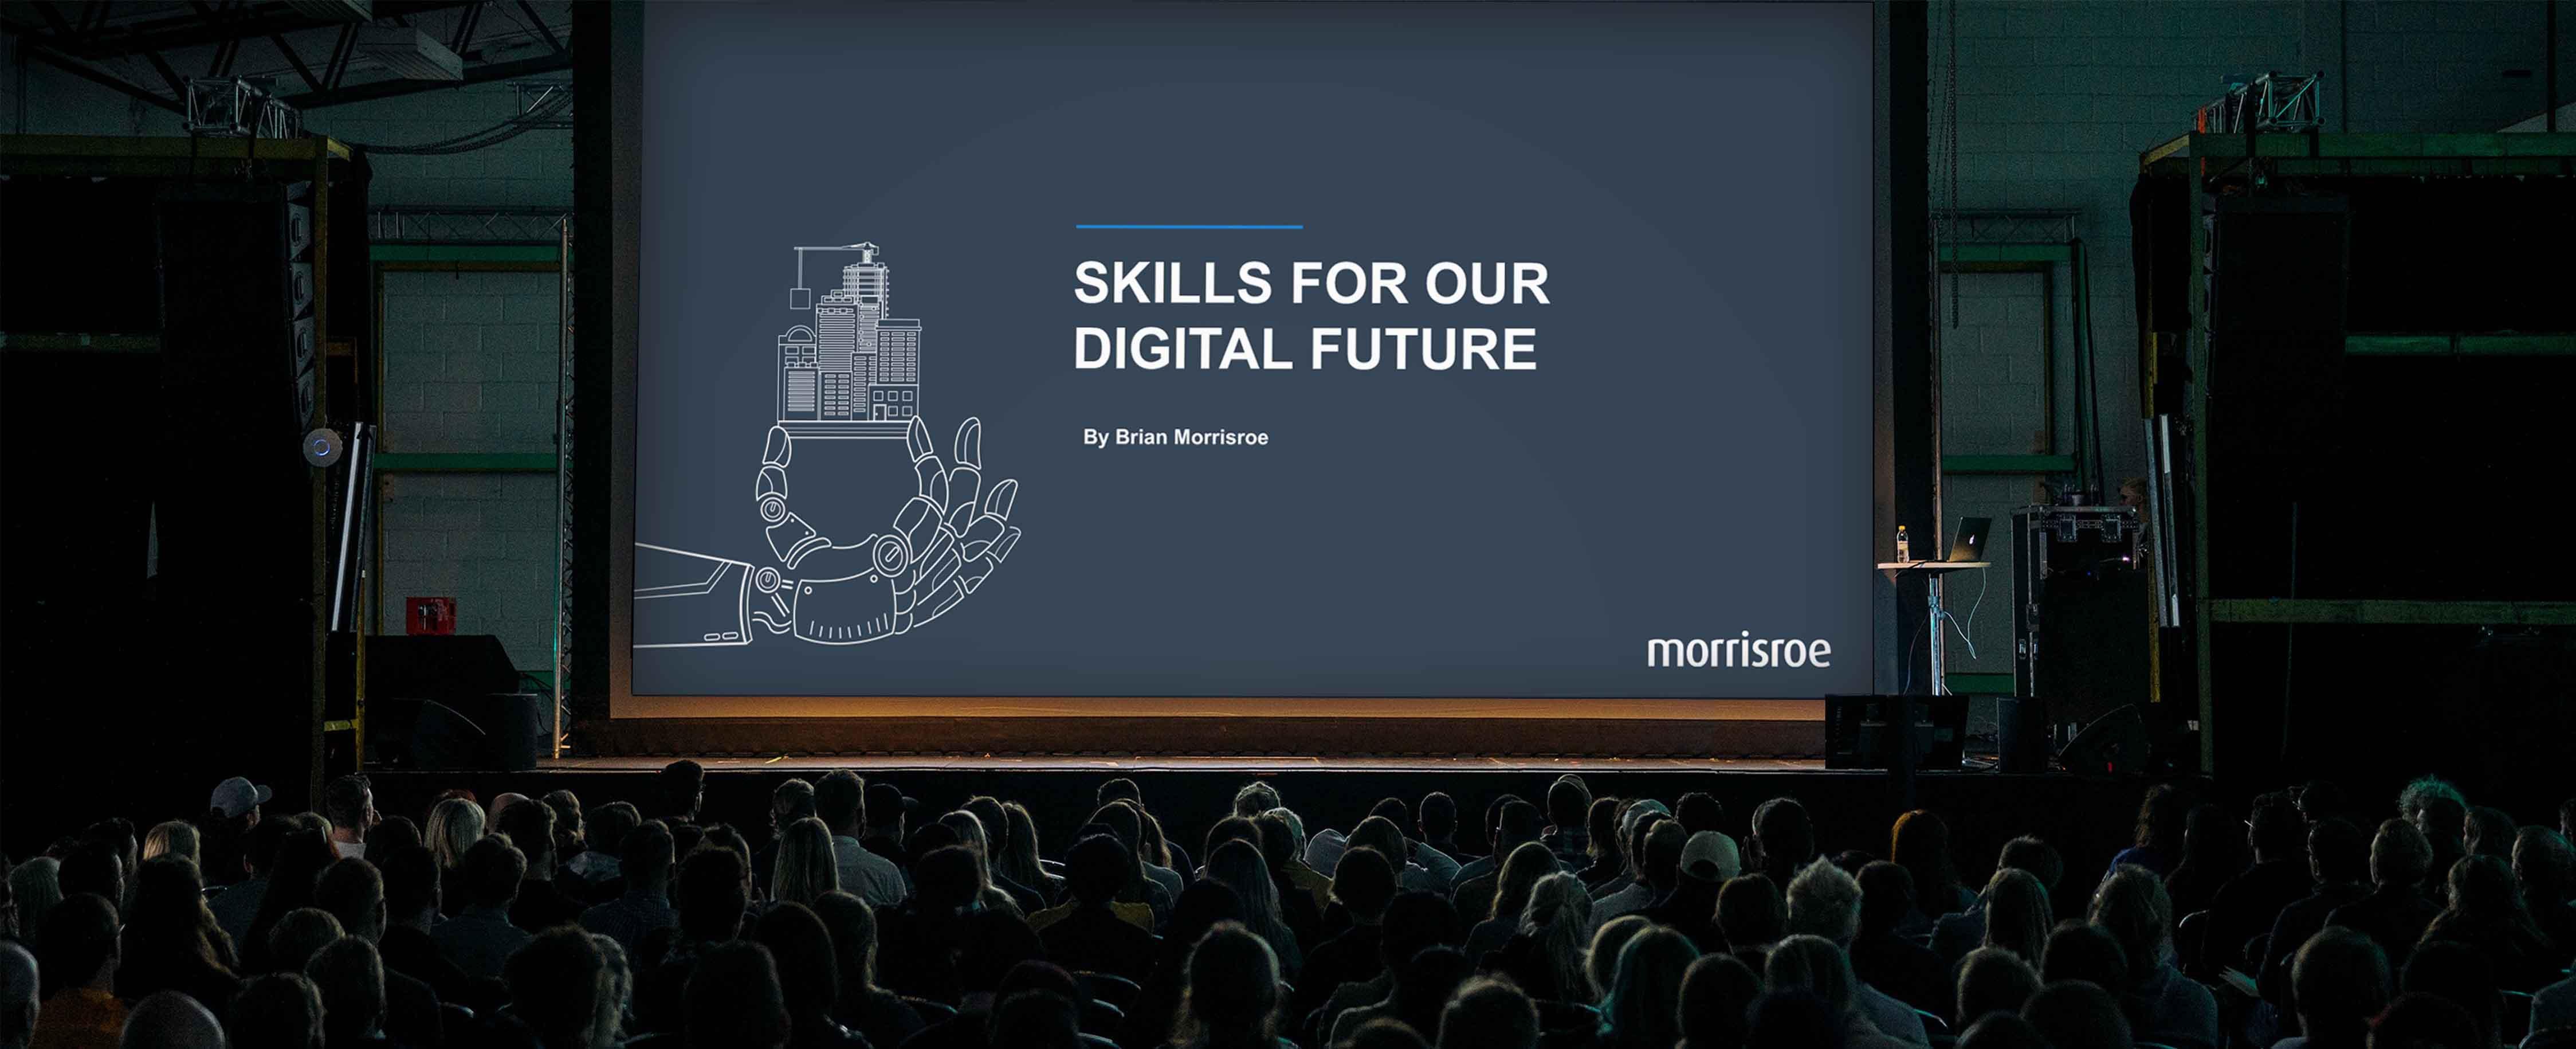 morrisroe CIF Annual Conference 2018